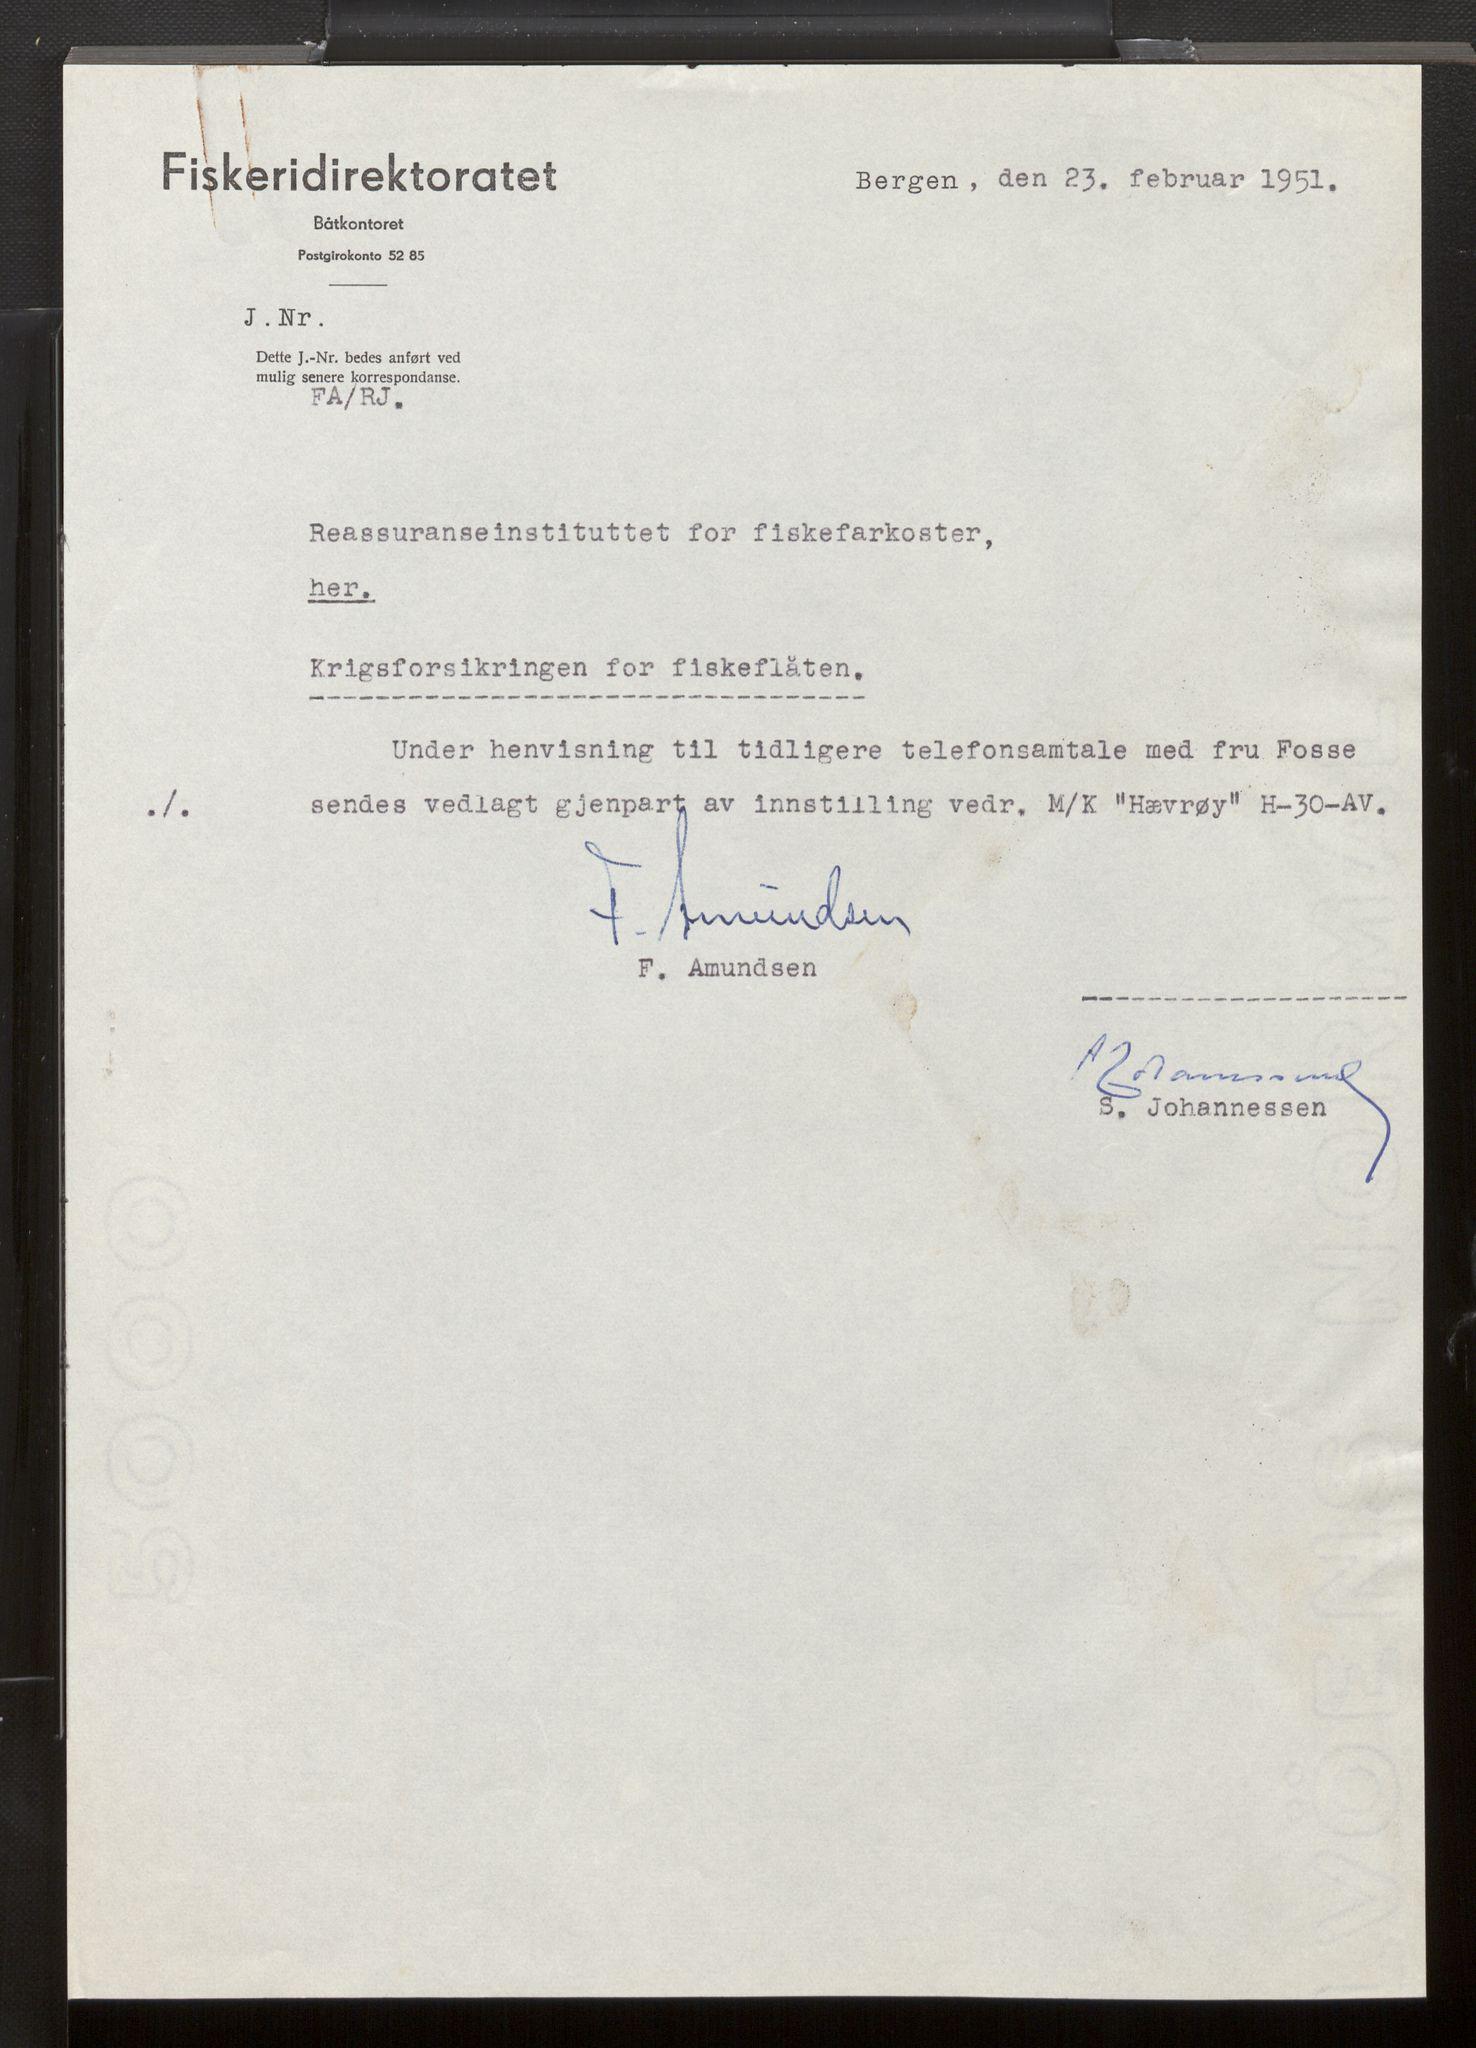 SAB, Fiskeridirektoratet - 1 Adm. ledelse - 13 Båtkontoret, La/L0042: Statens krigsforsikring for fiskeflåten, 1936-1971, s. 382